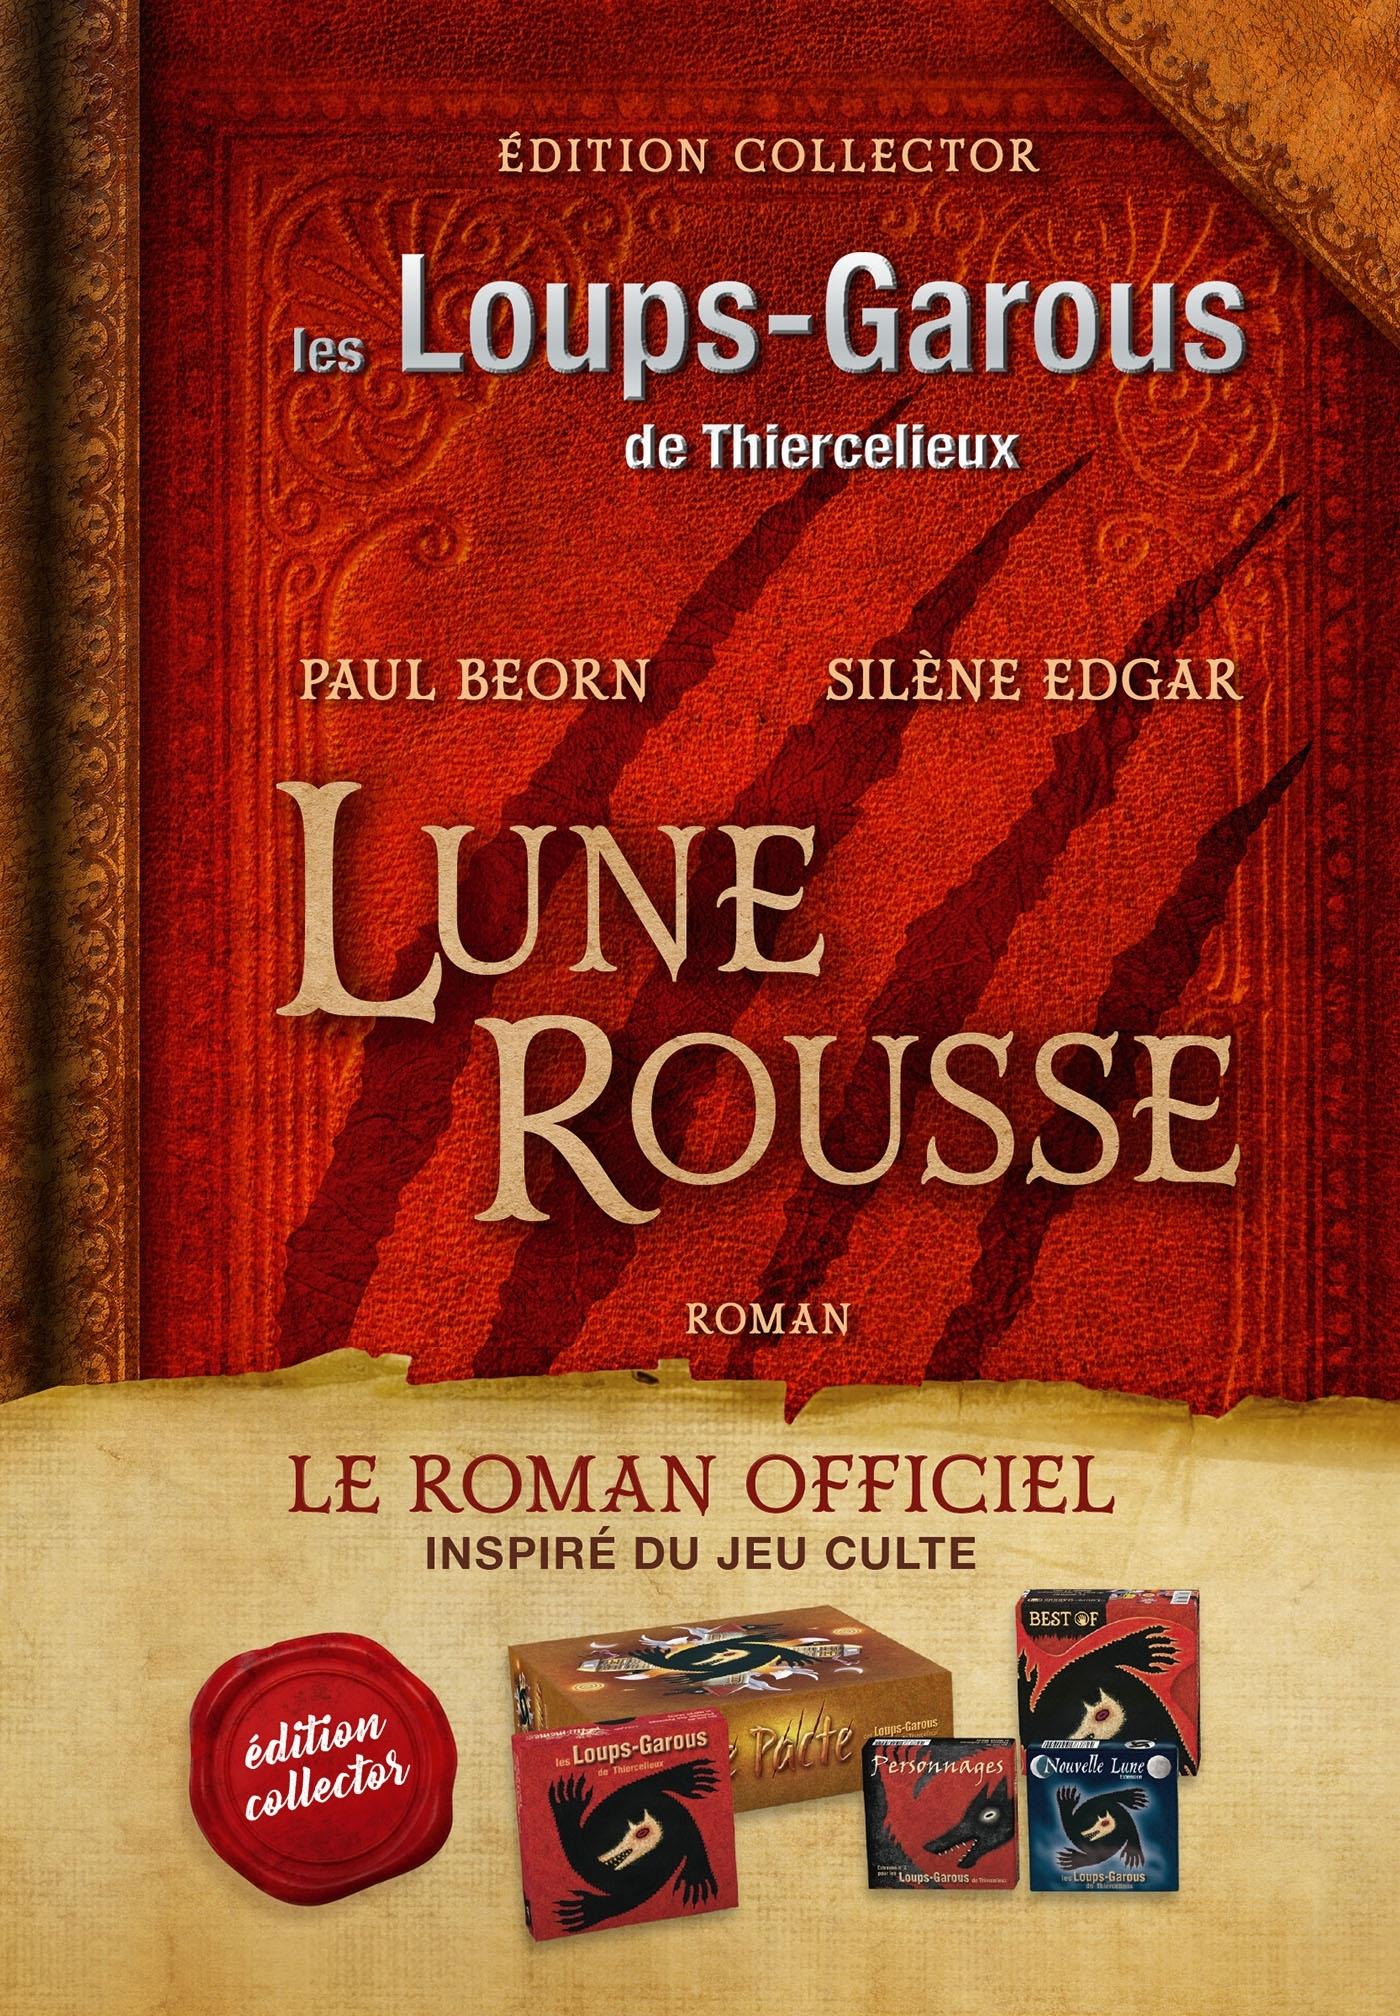 LES LOUPS-GAROUS DE THIERCELIEUX : LUNE ROUSSE - EDITION COLLECTOR